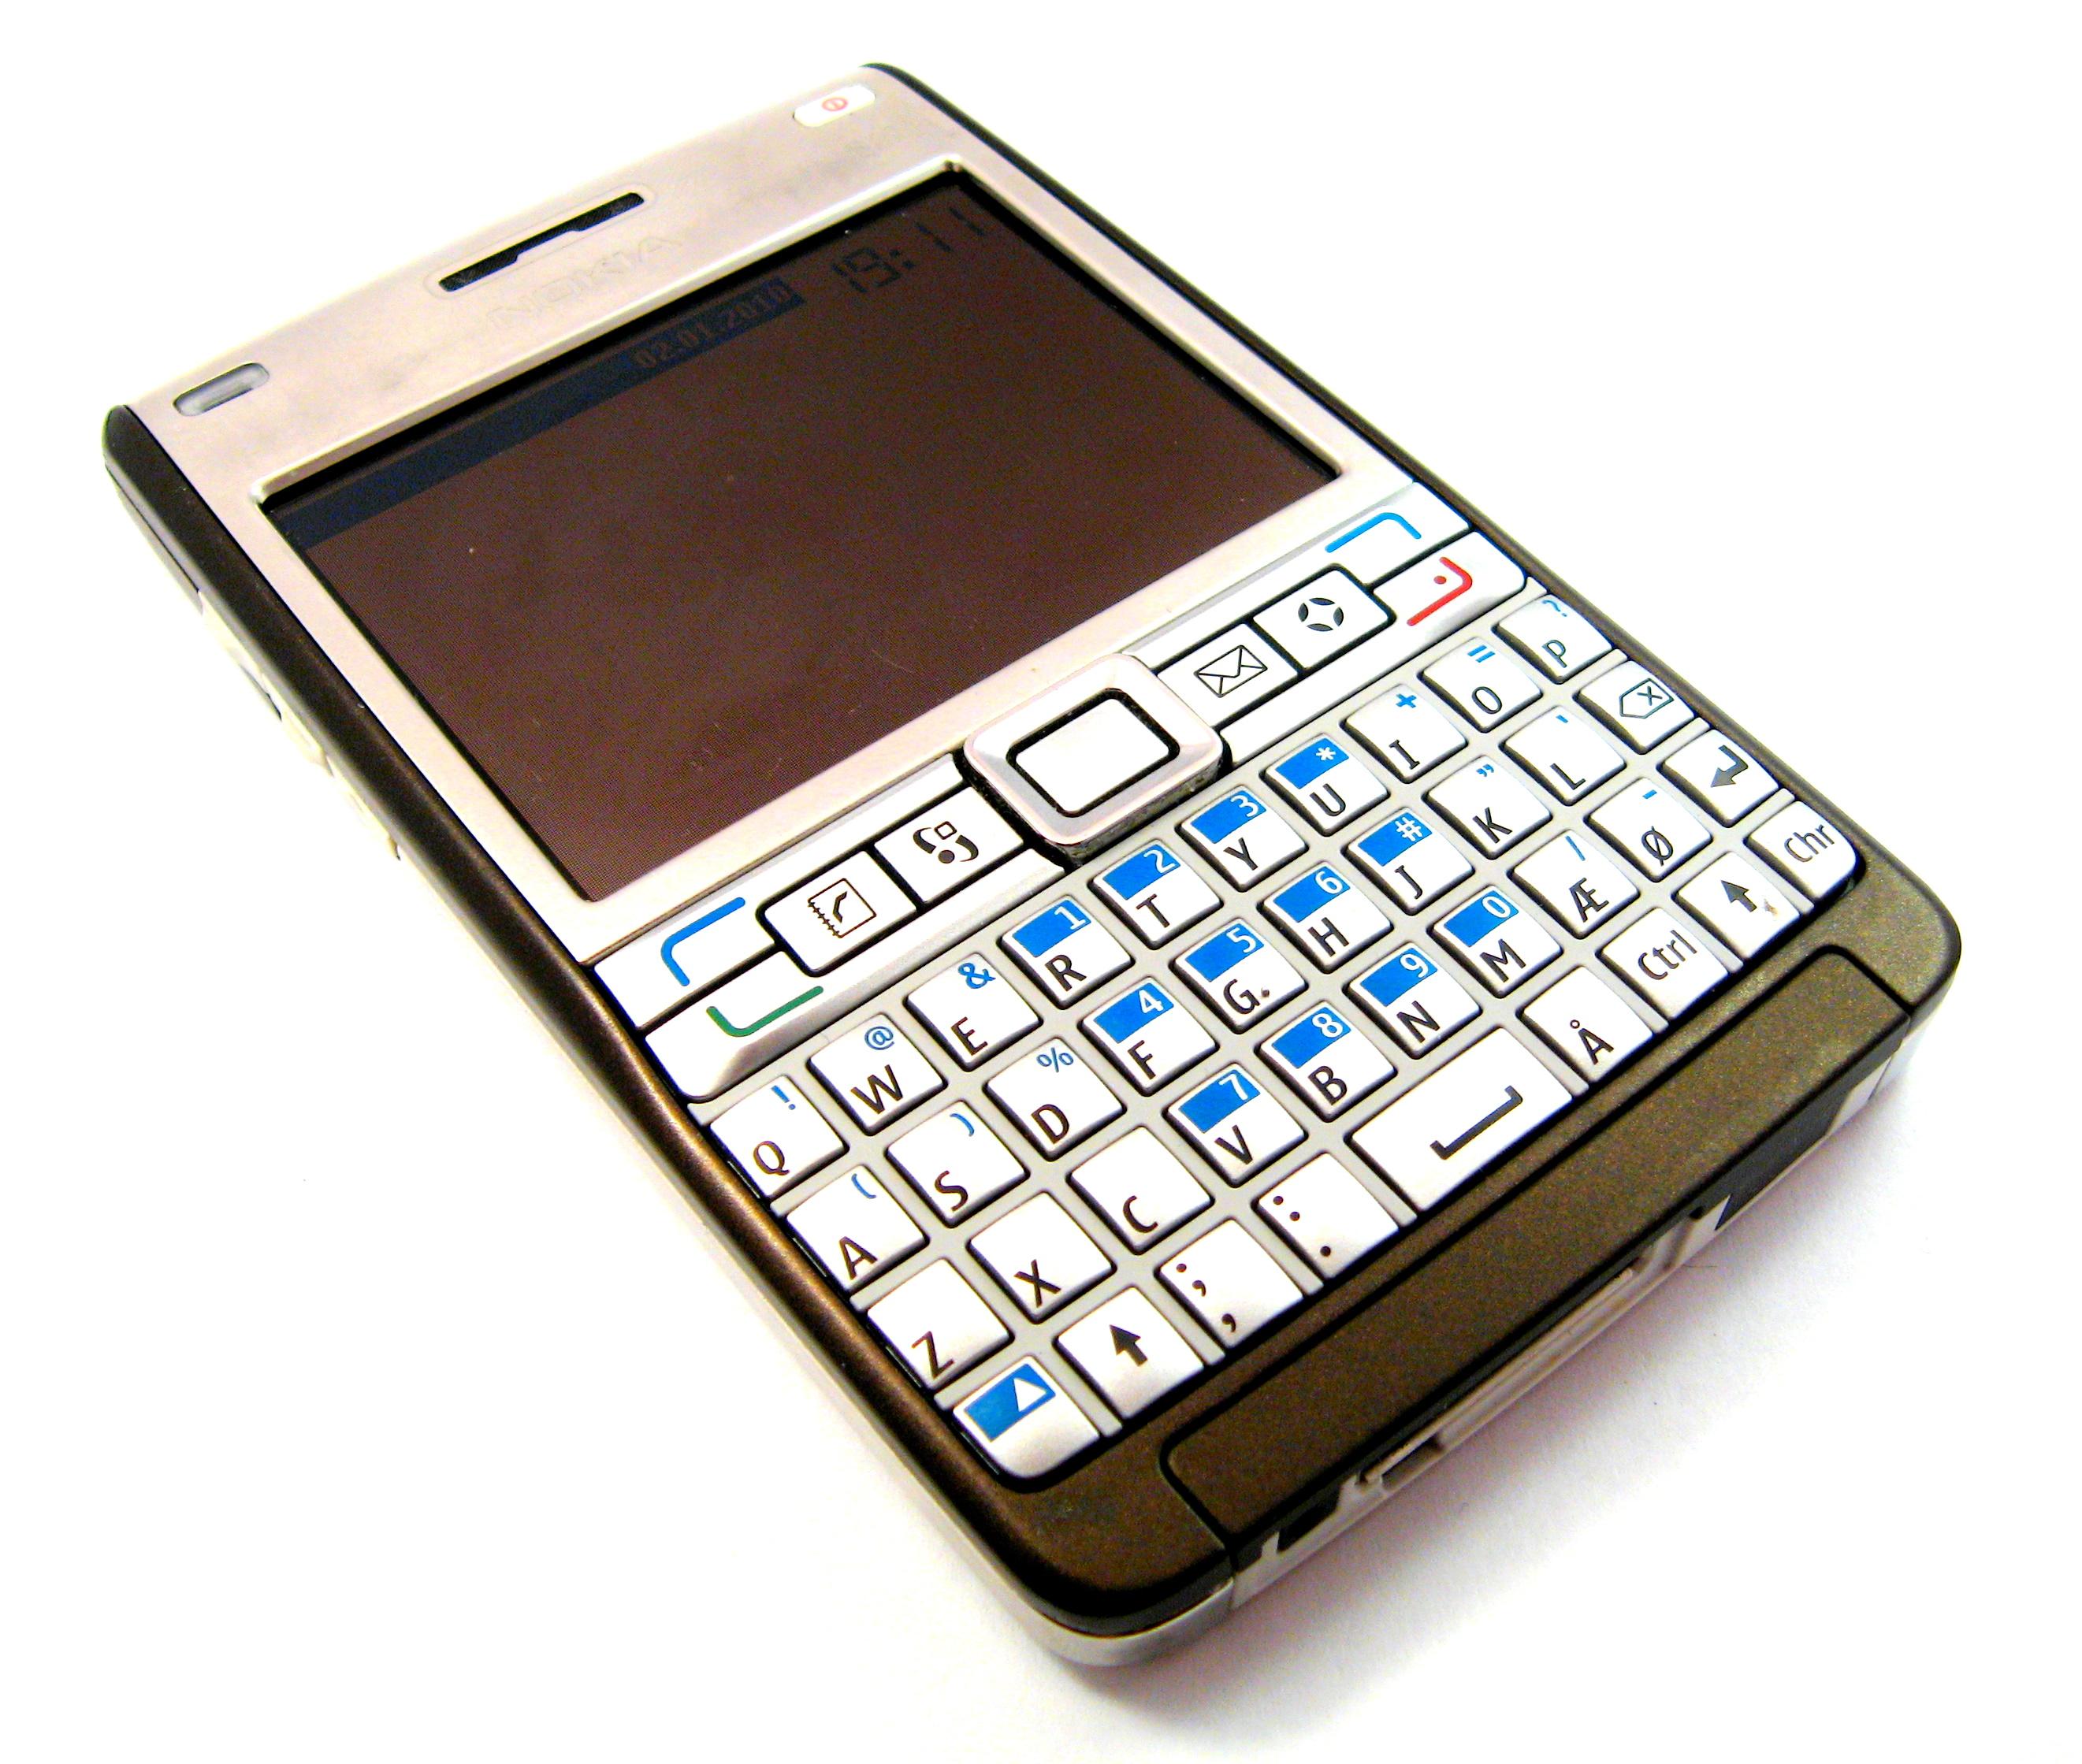 file nokia e61i med dansk tastatur ubt jpg wikimedia commons rh commons wikimedia org Nokia E63 nokia e61i manual pdf